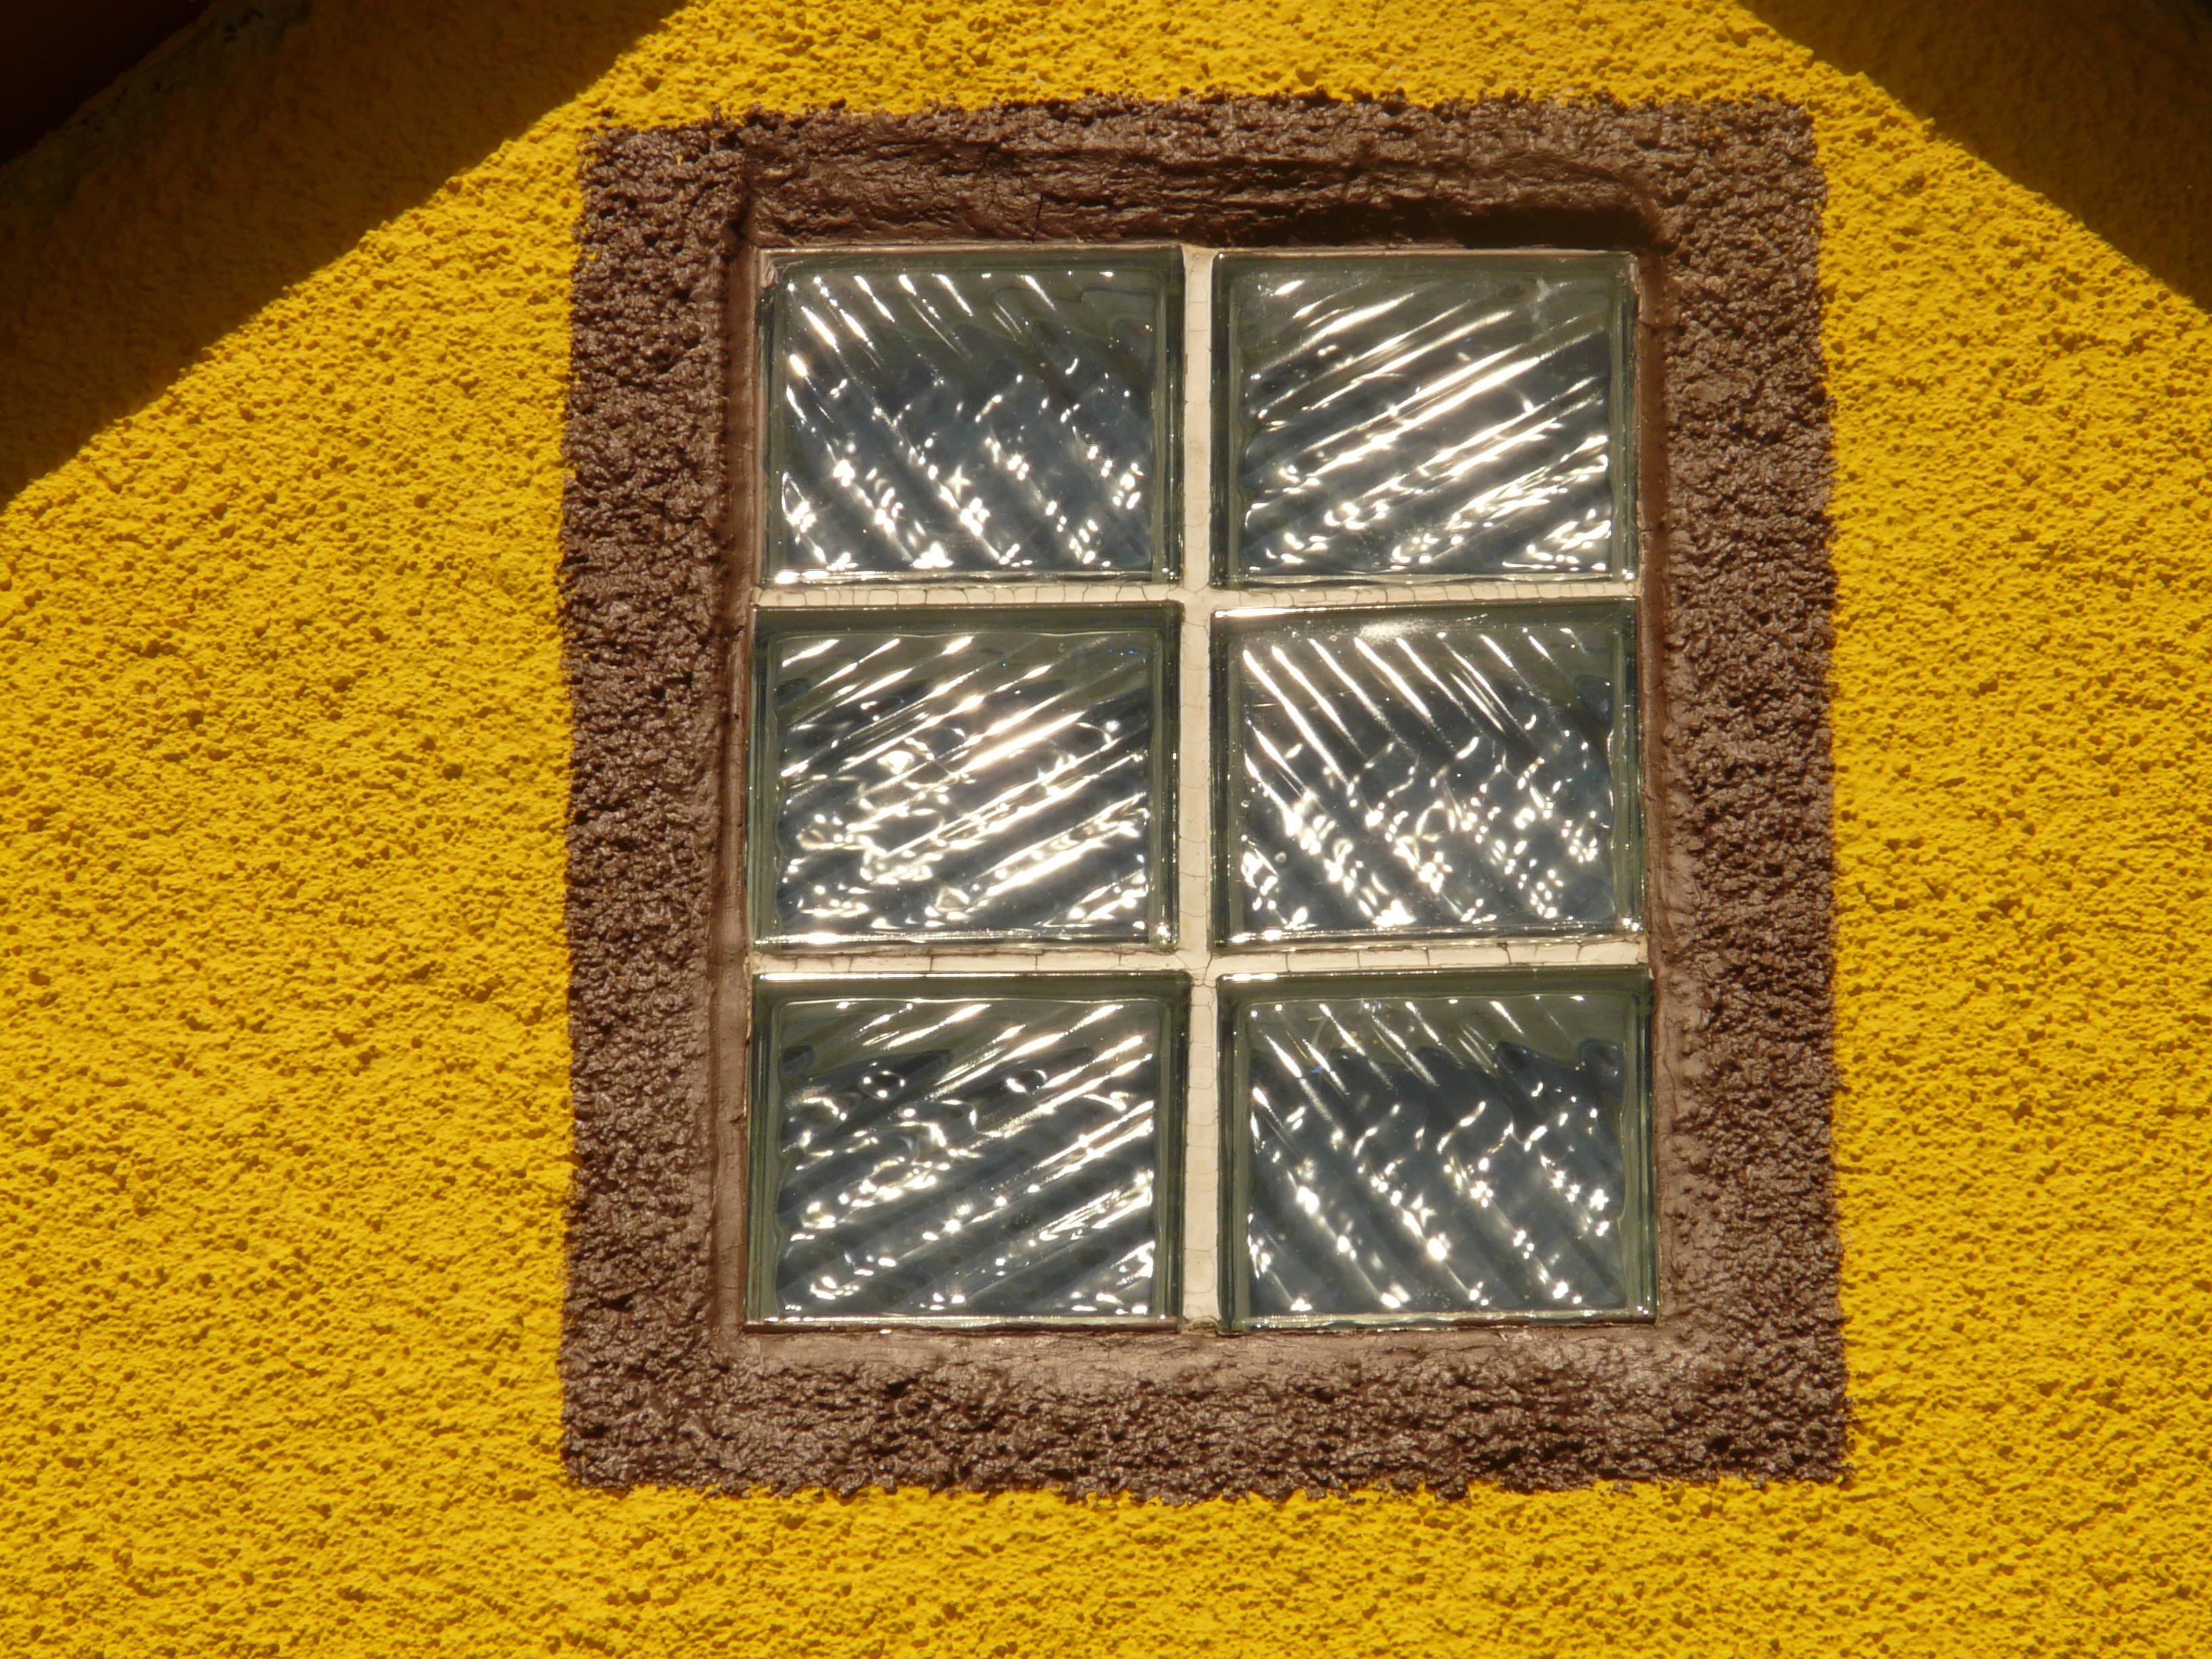 Kostenlose foto : die Architektur, Fenster, Zuhause, Muster, Gelb ...